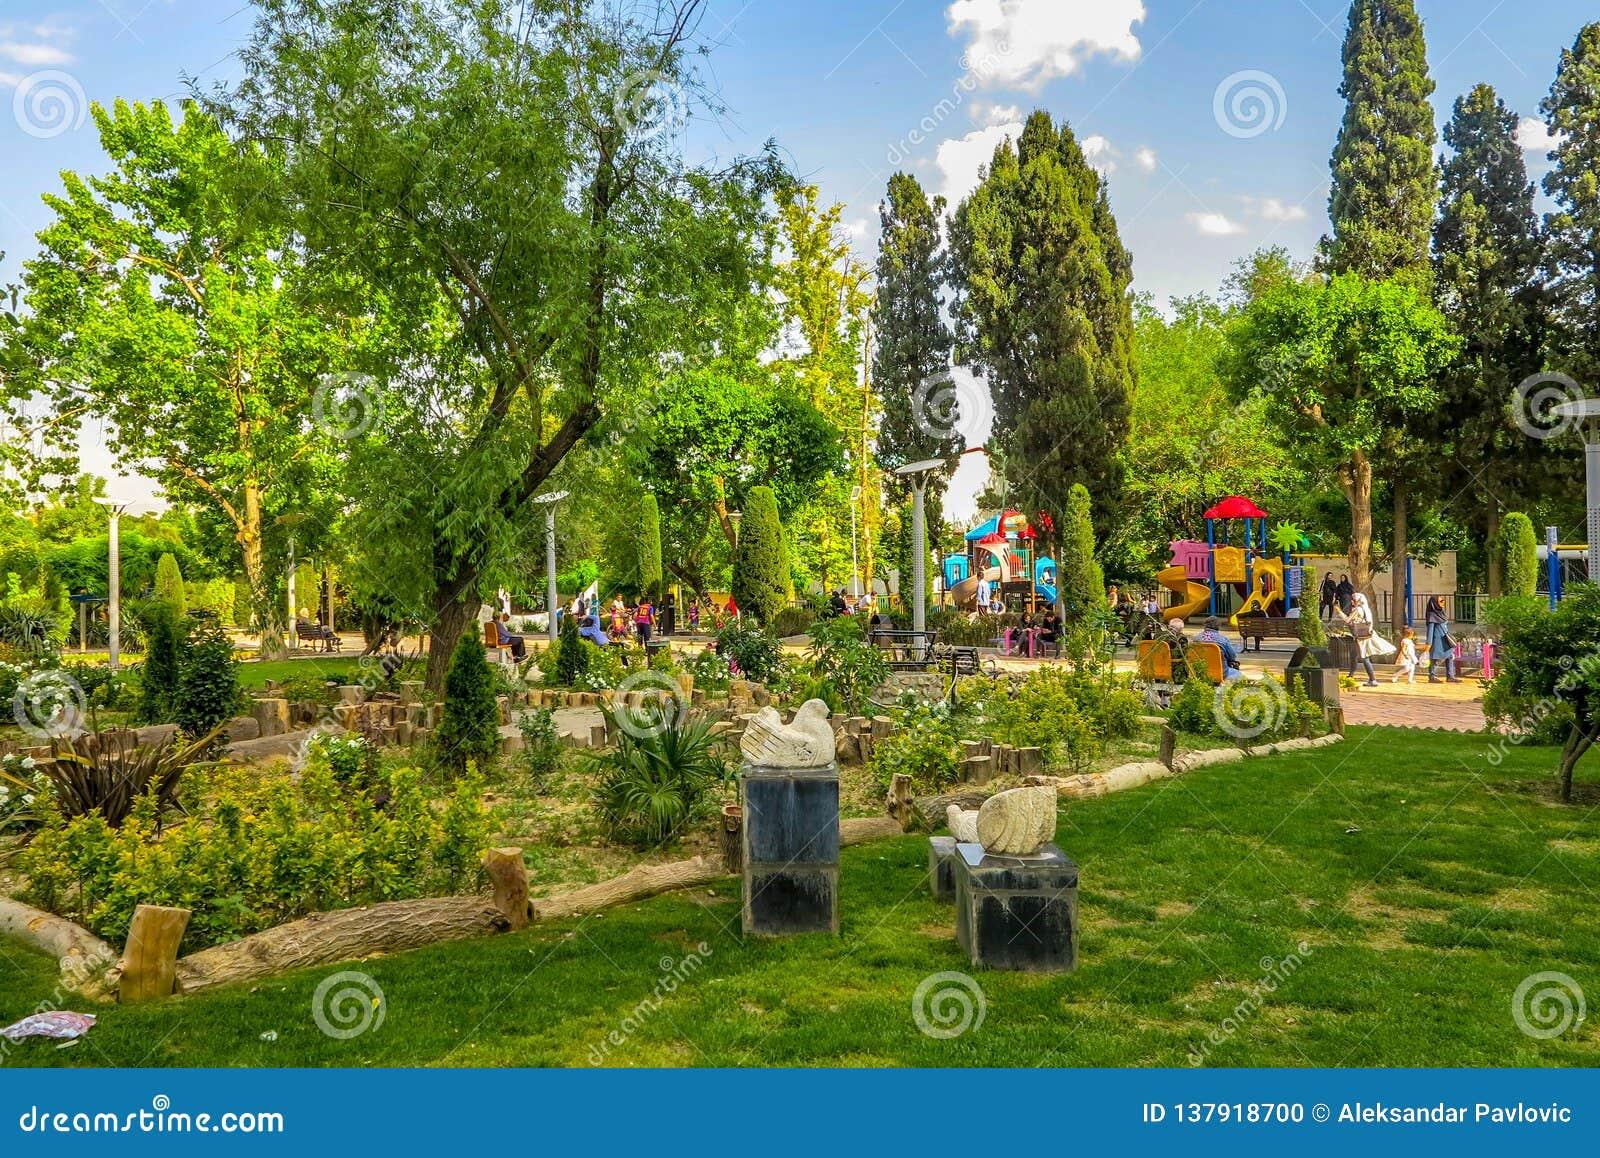 Los artistas iraníes de Teherán parquean 01